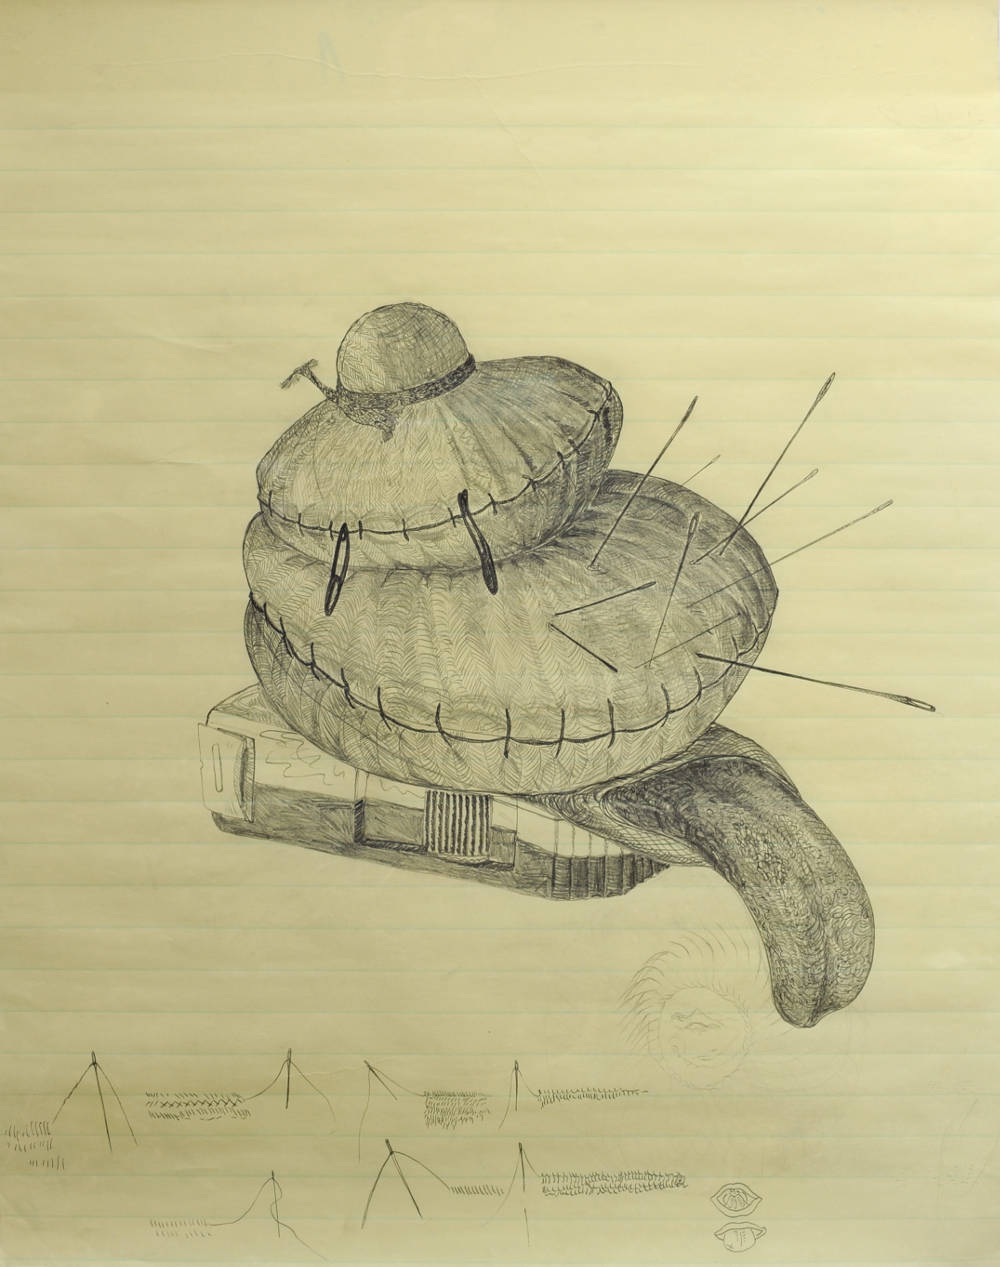 Maria Bussmann, Nadelkissen Zunge / Zeichnung zu Hannah Arendt, 2012. Pencil on paper 30 x 25 in.